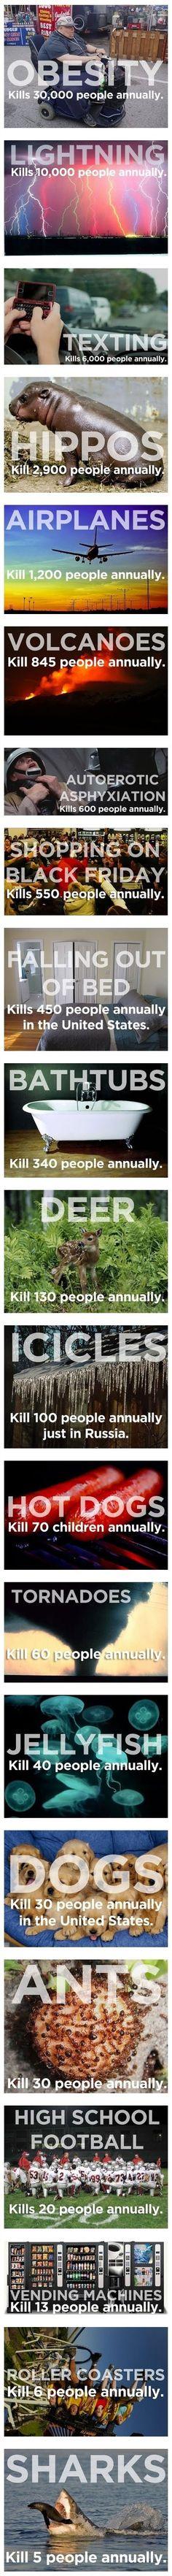 killing people